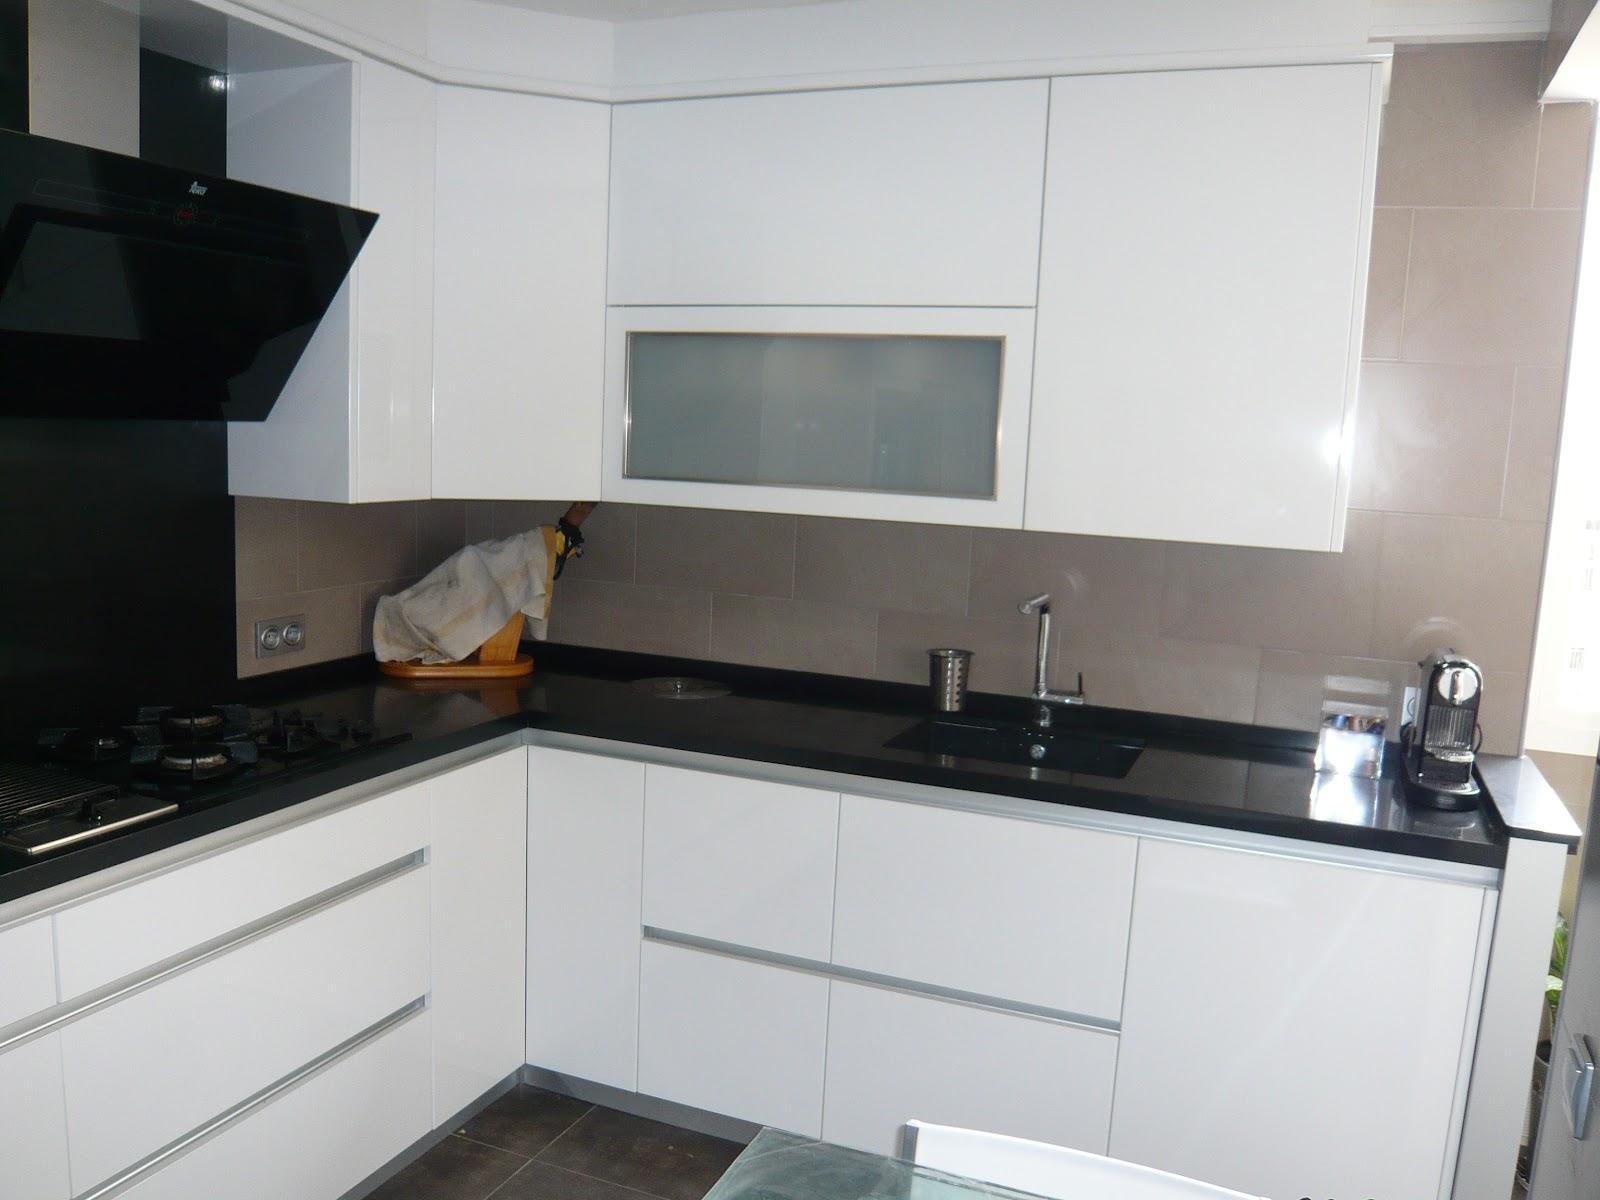 Reuscuina muebles de cocina blanco brillo sin tiradores - Tiradores de muebles de cocina ...